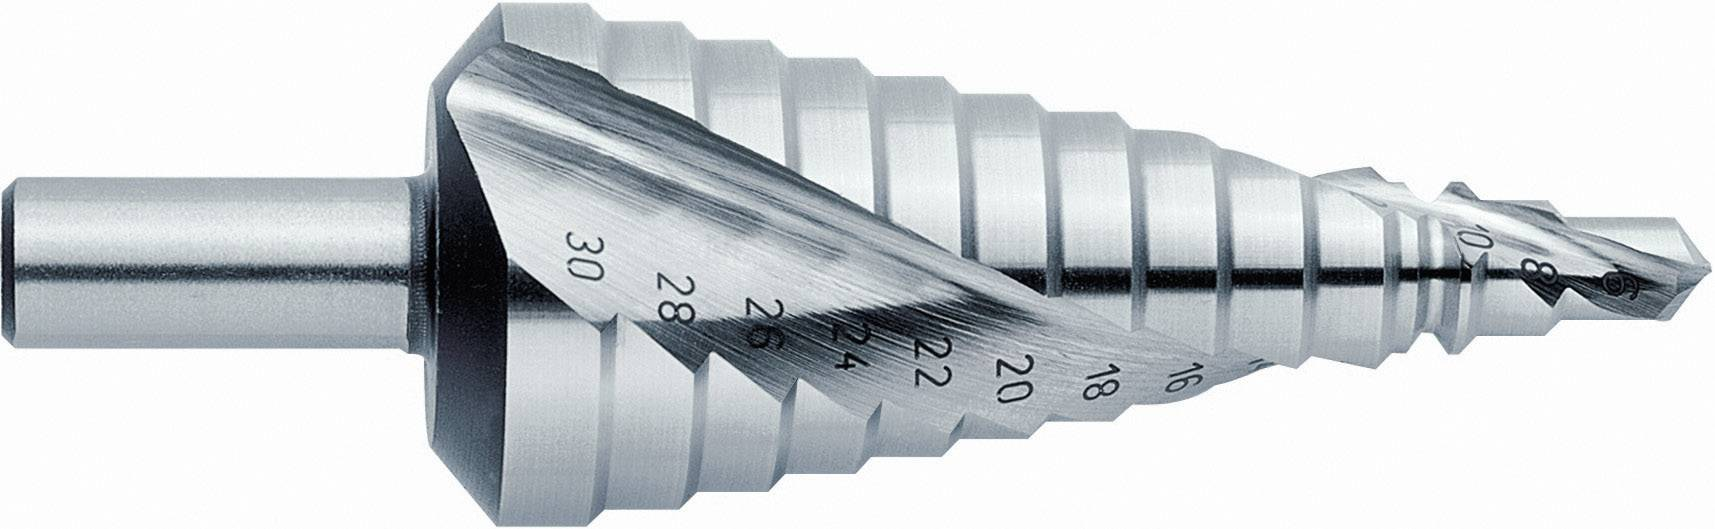 HSS stupňovitý vrták Exact 07003, 6 - 30 mm, kužeľový záhlbník, 1 ks